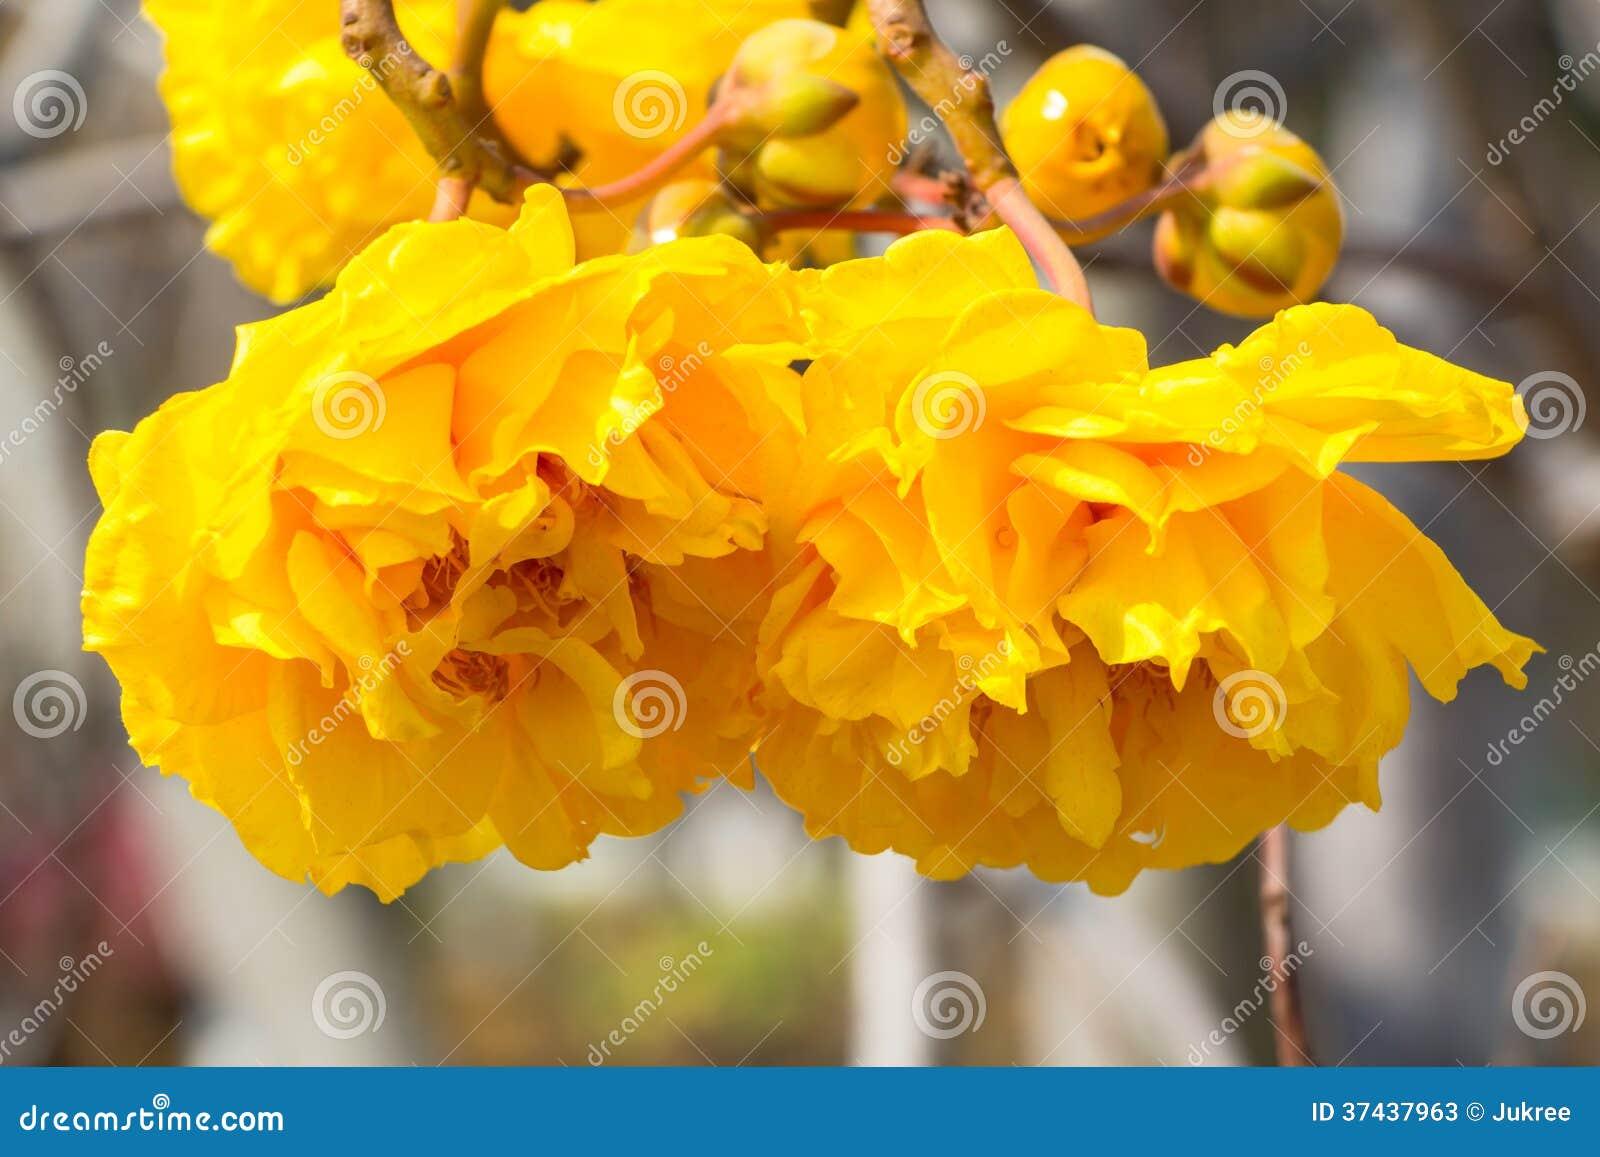 fleur jaune d 39 arbre de coton en soie image stock image 37437963. Black Bedroom Furniture Sets. Home Design Ideas